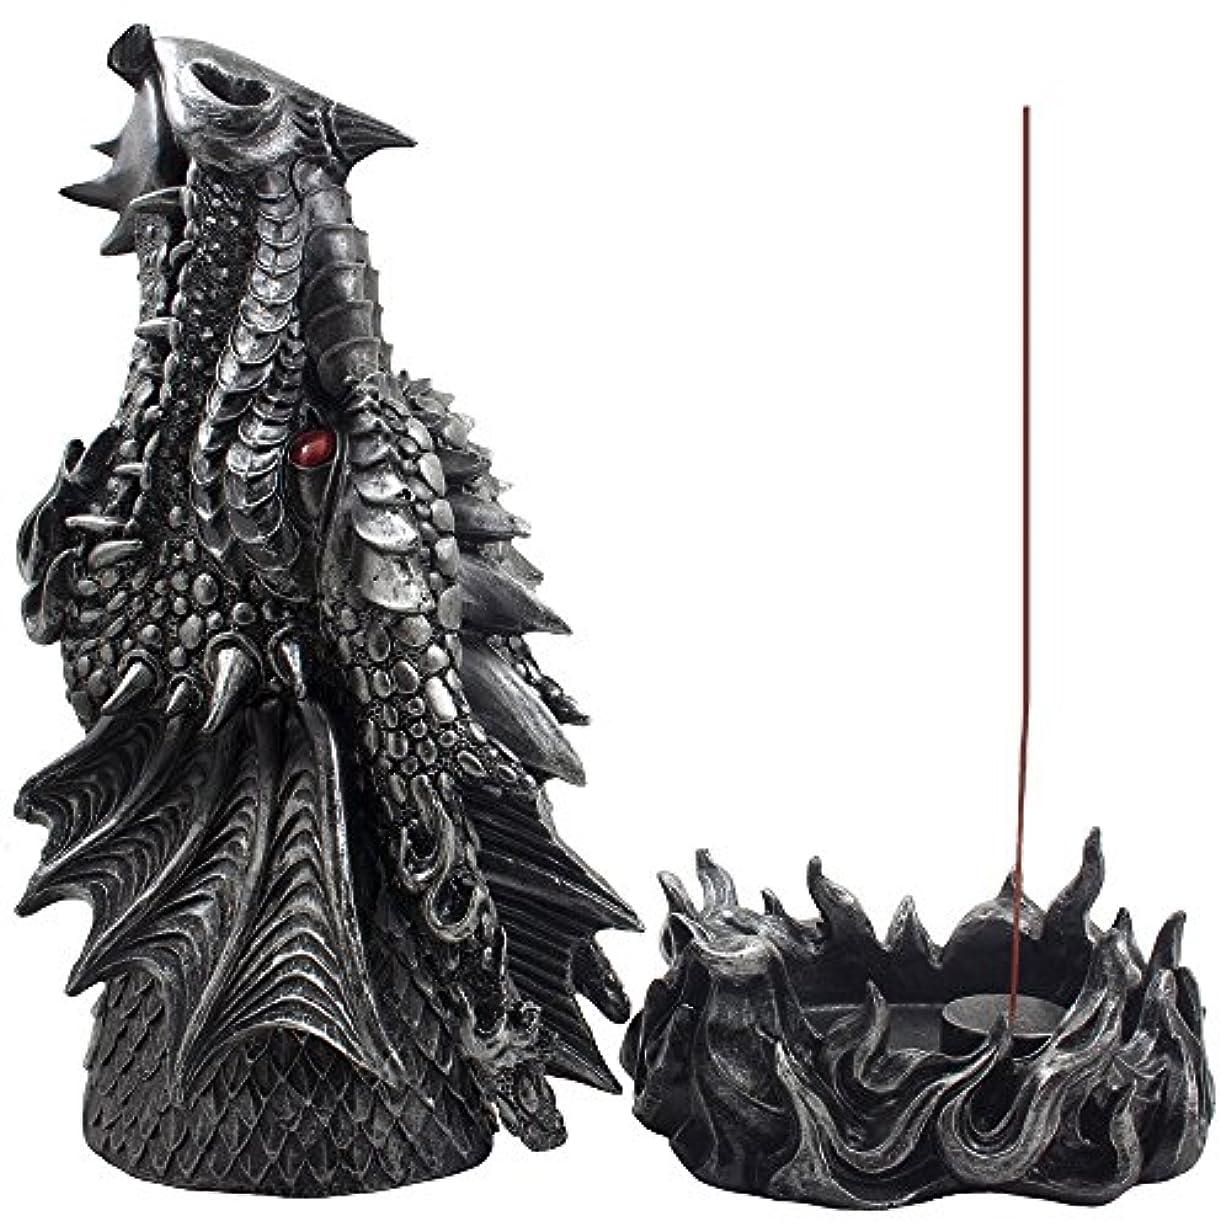 ヤング怠感ネーピアMythical Fire Breathing Dragon Incense Holder & Burner Combo Statue for Sticks or Cones with Decorative Display...